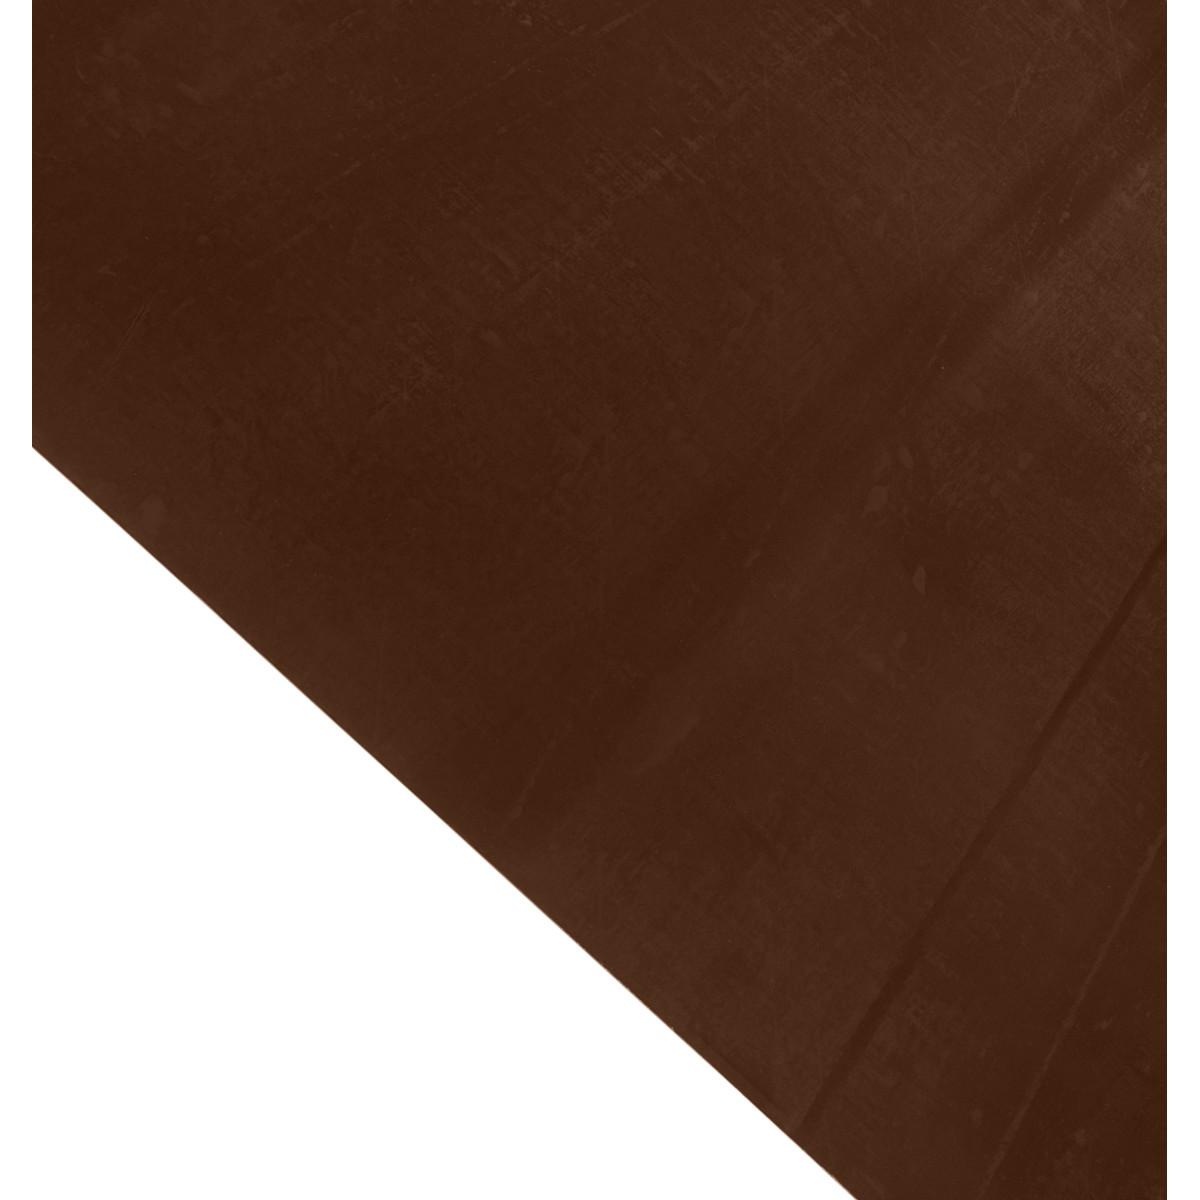 Лист гладкий 0.35 мм 1250х2000 мм коричневый RAL 8017